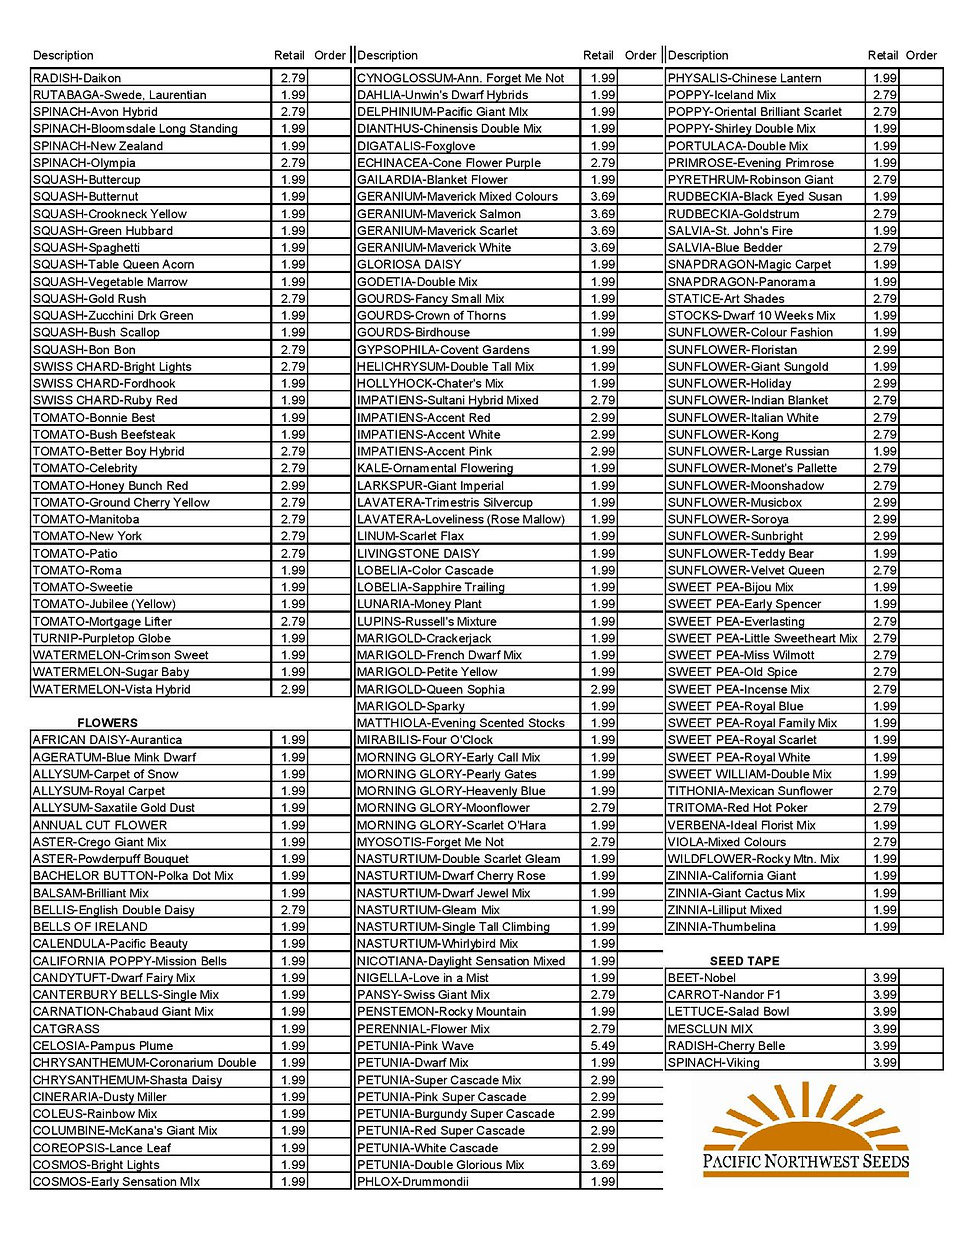 PNWOrderform2021-page-002.jpg